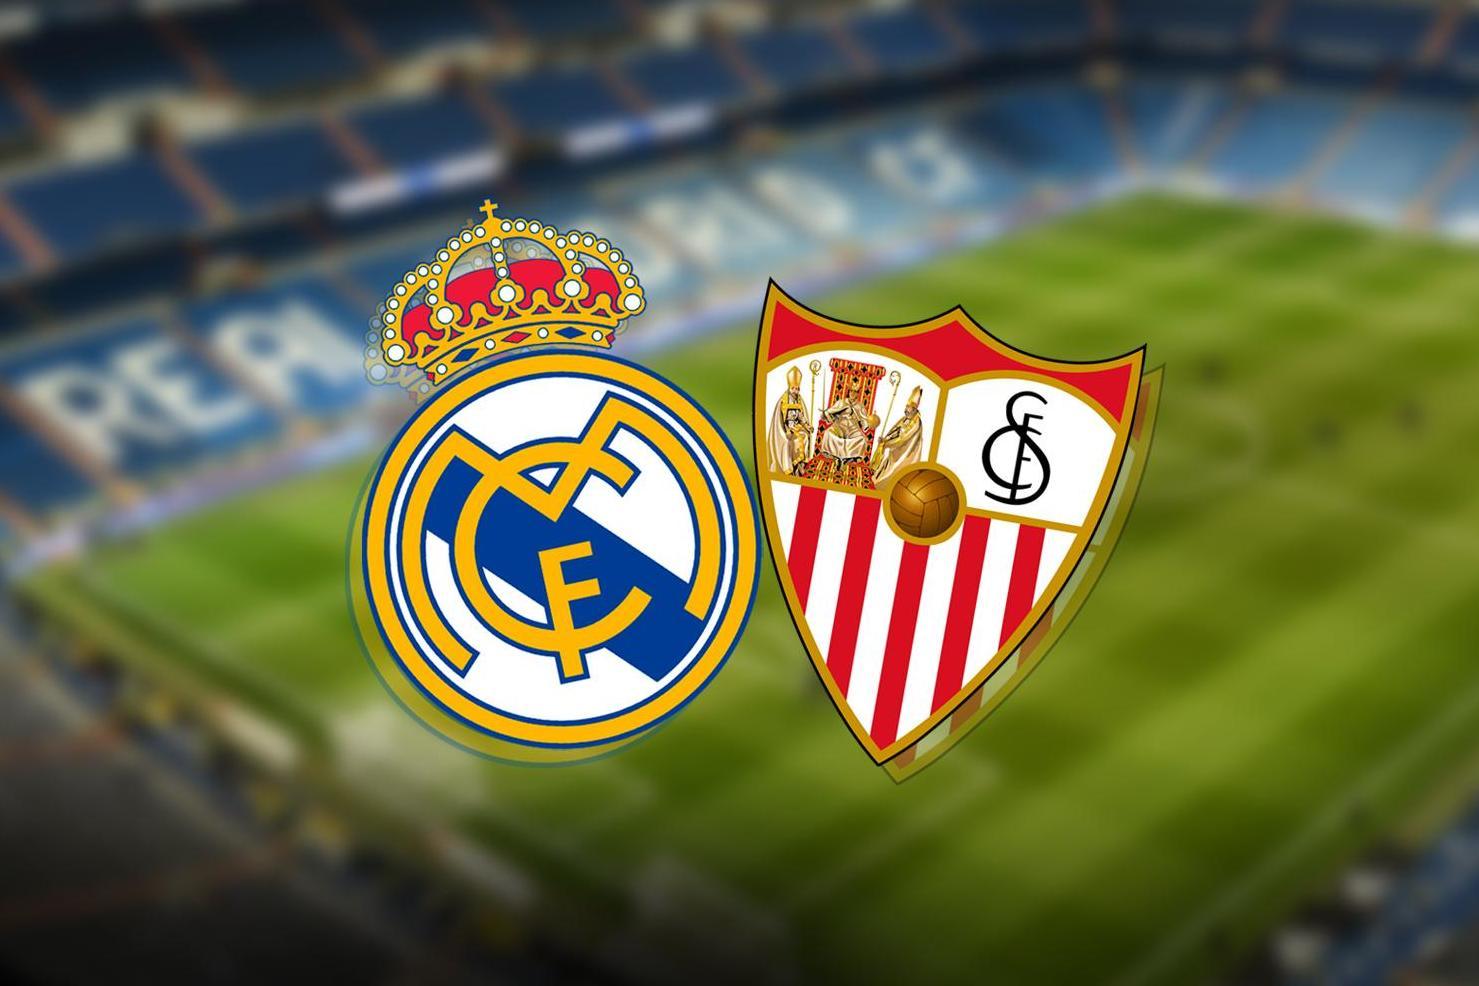 دليلك الشامل لمباراة ريال مدريد ضد إشبيلية الأحد 9 مايو 2021 في الدوري الإسباني